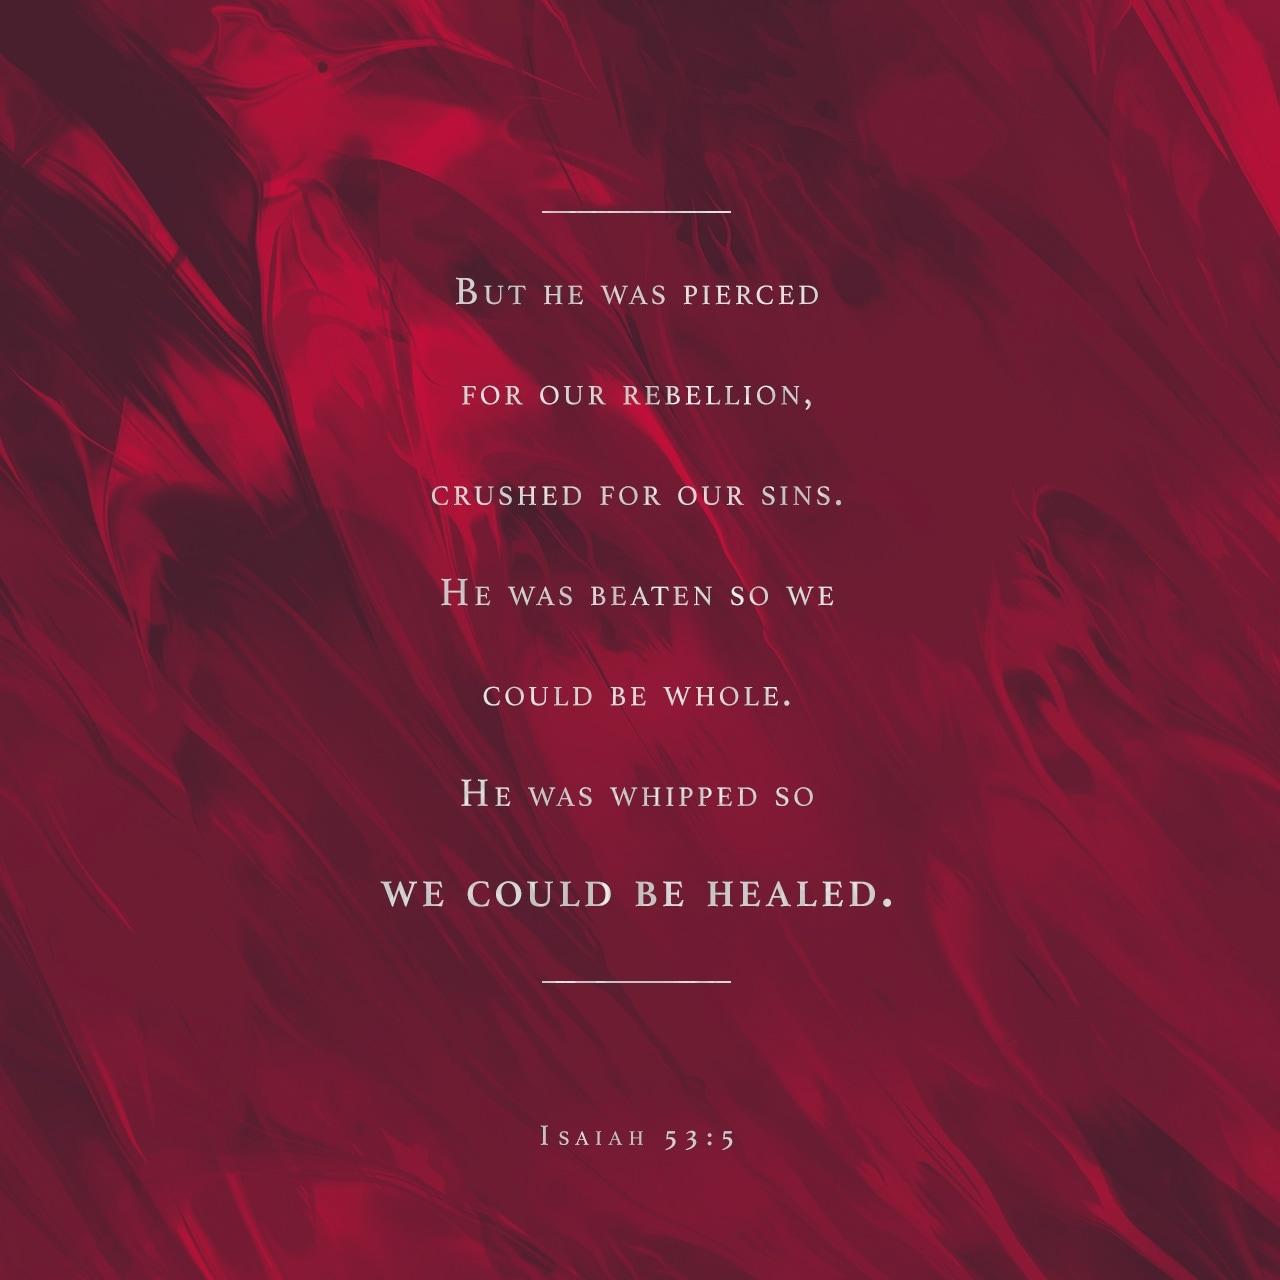 Isaiah 53:5 (JPG)